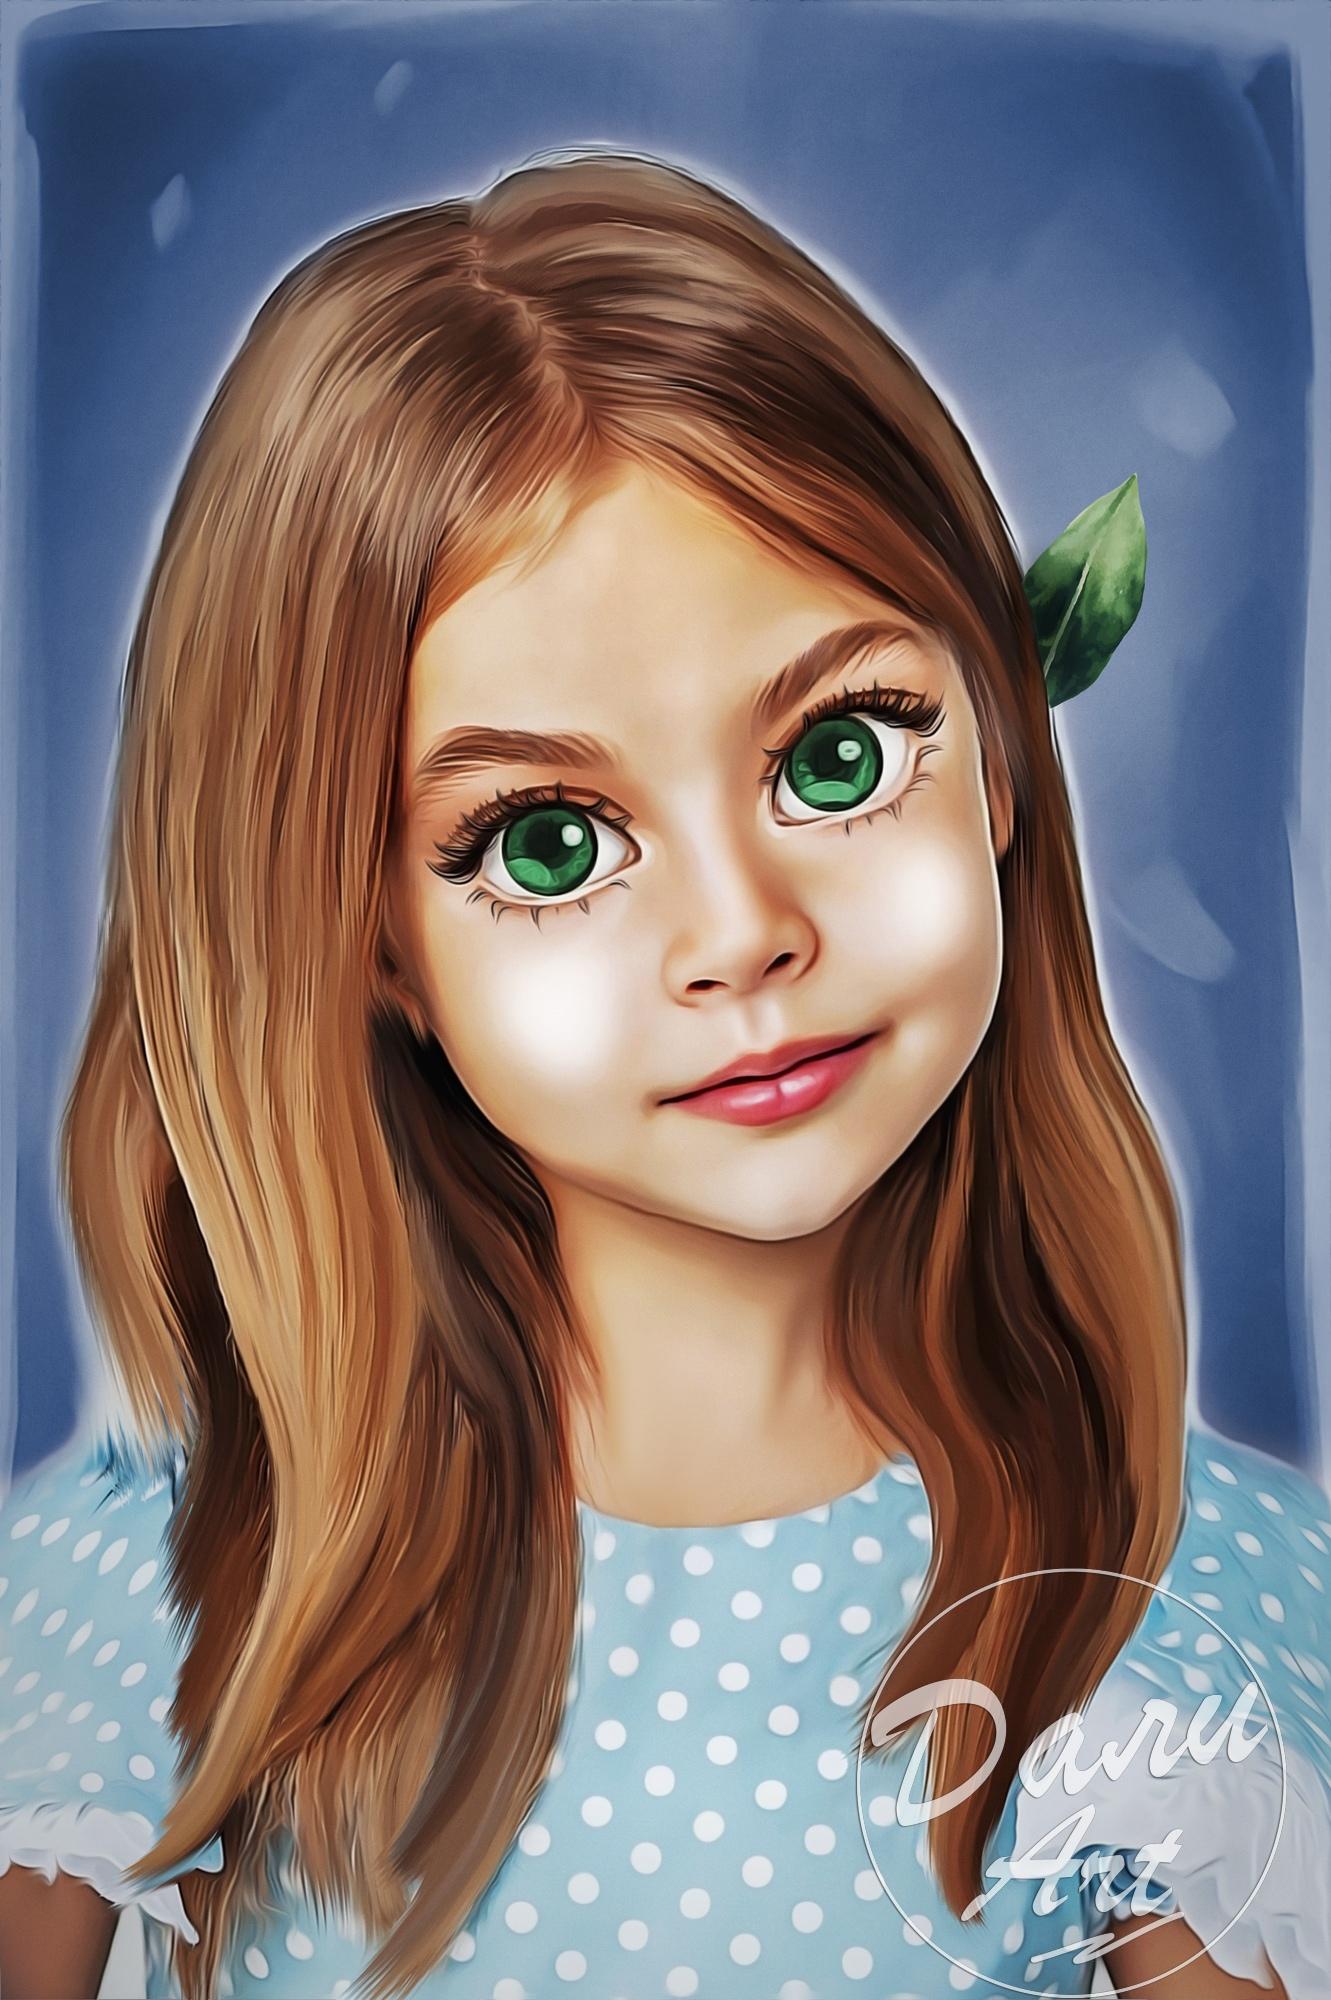 Российская художница превращает детские фотографии в очаровательные мультяшные п